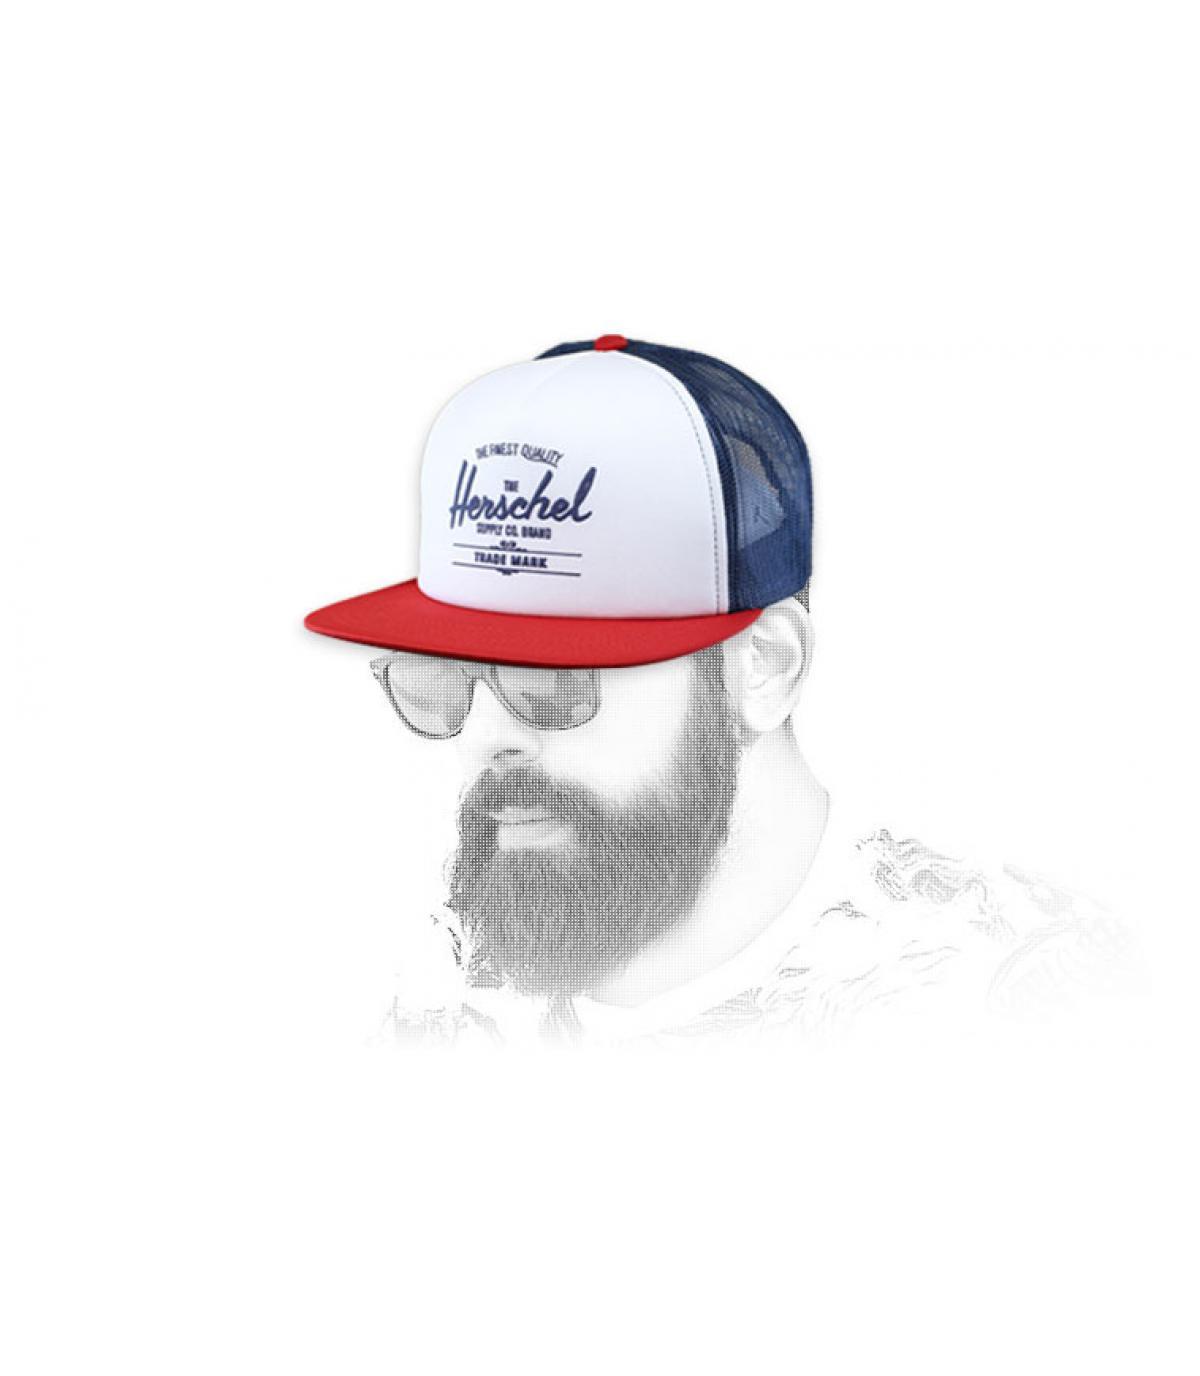 Herschel blauw wit rood trucker